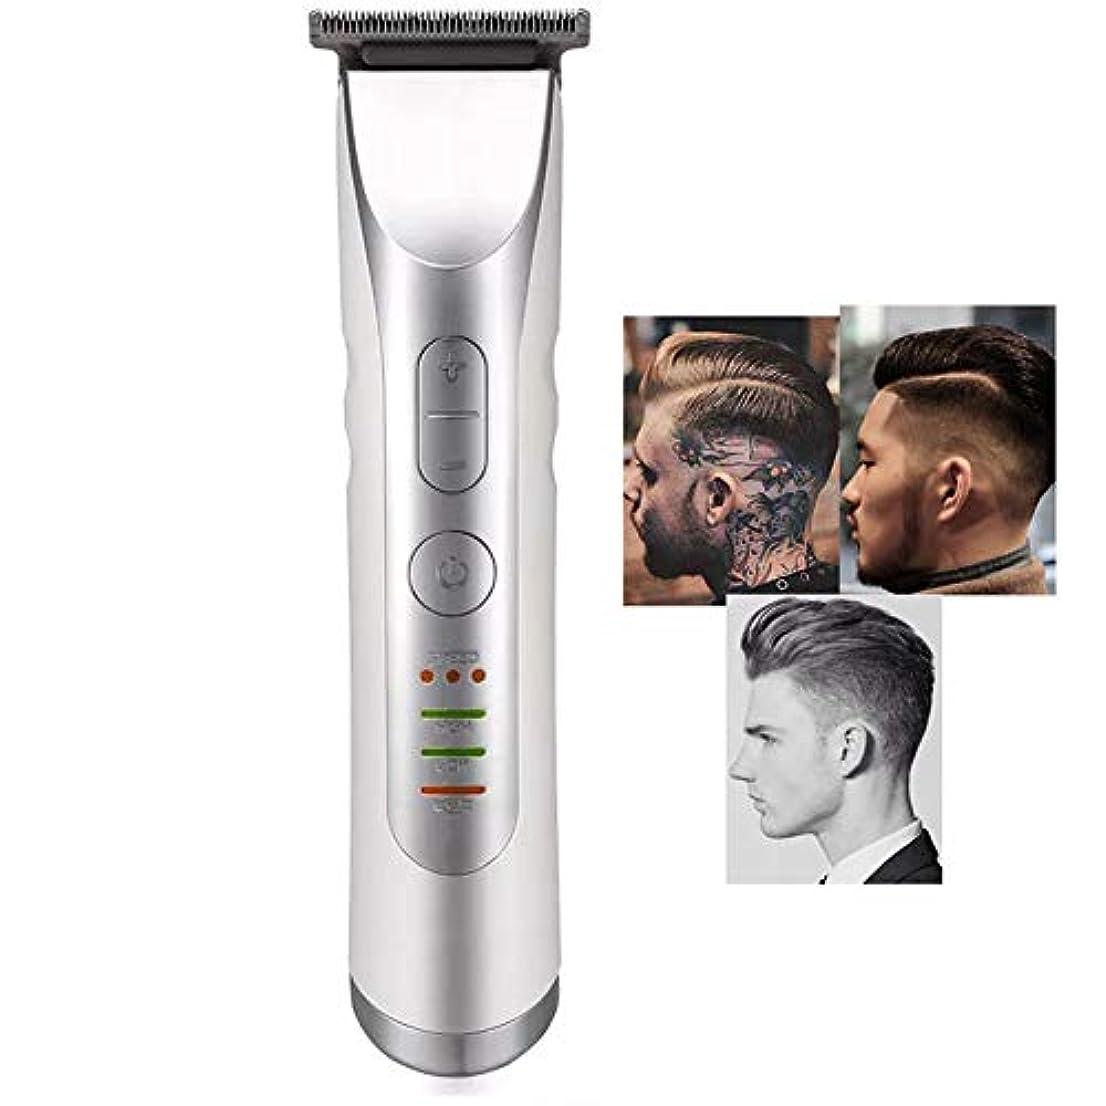 肖像画ビデオ根拠バリカンステンレス鋼ブレードプロフェッショナルバリカントリマー充電式散髪防水切断機用男性